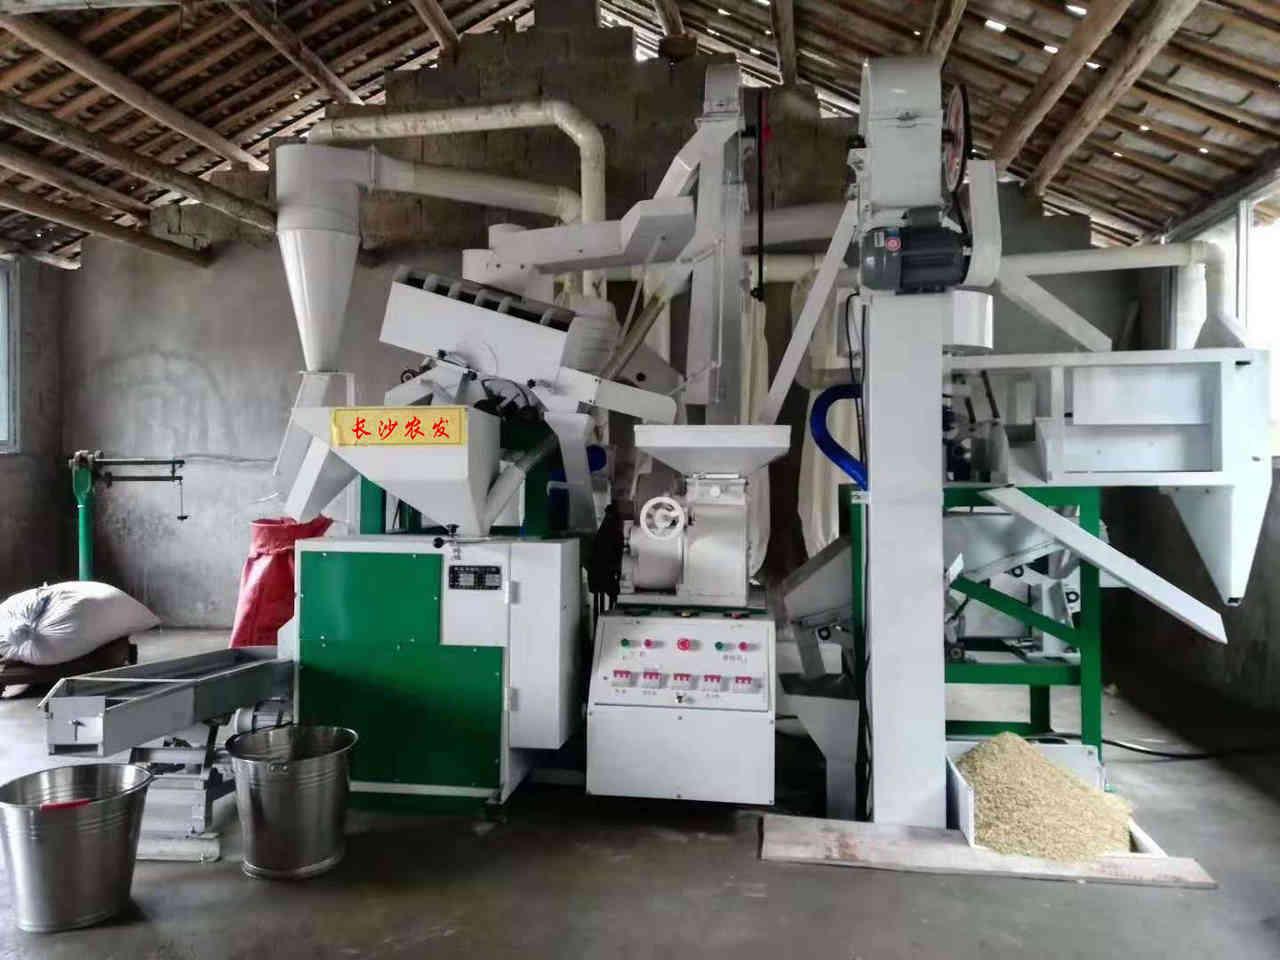 日产15吨 碾米机 价格38800元